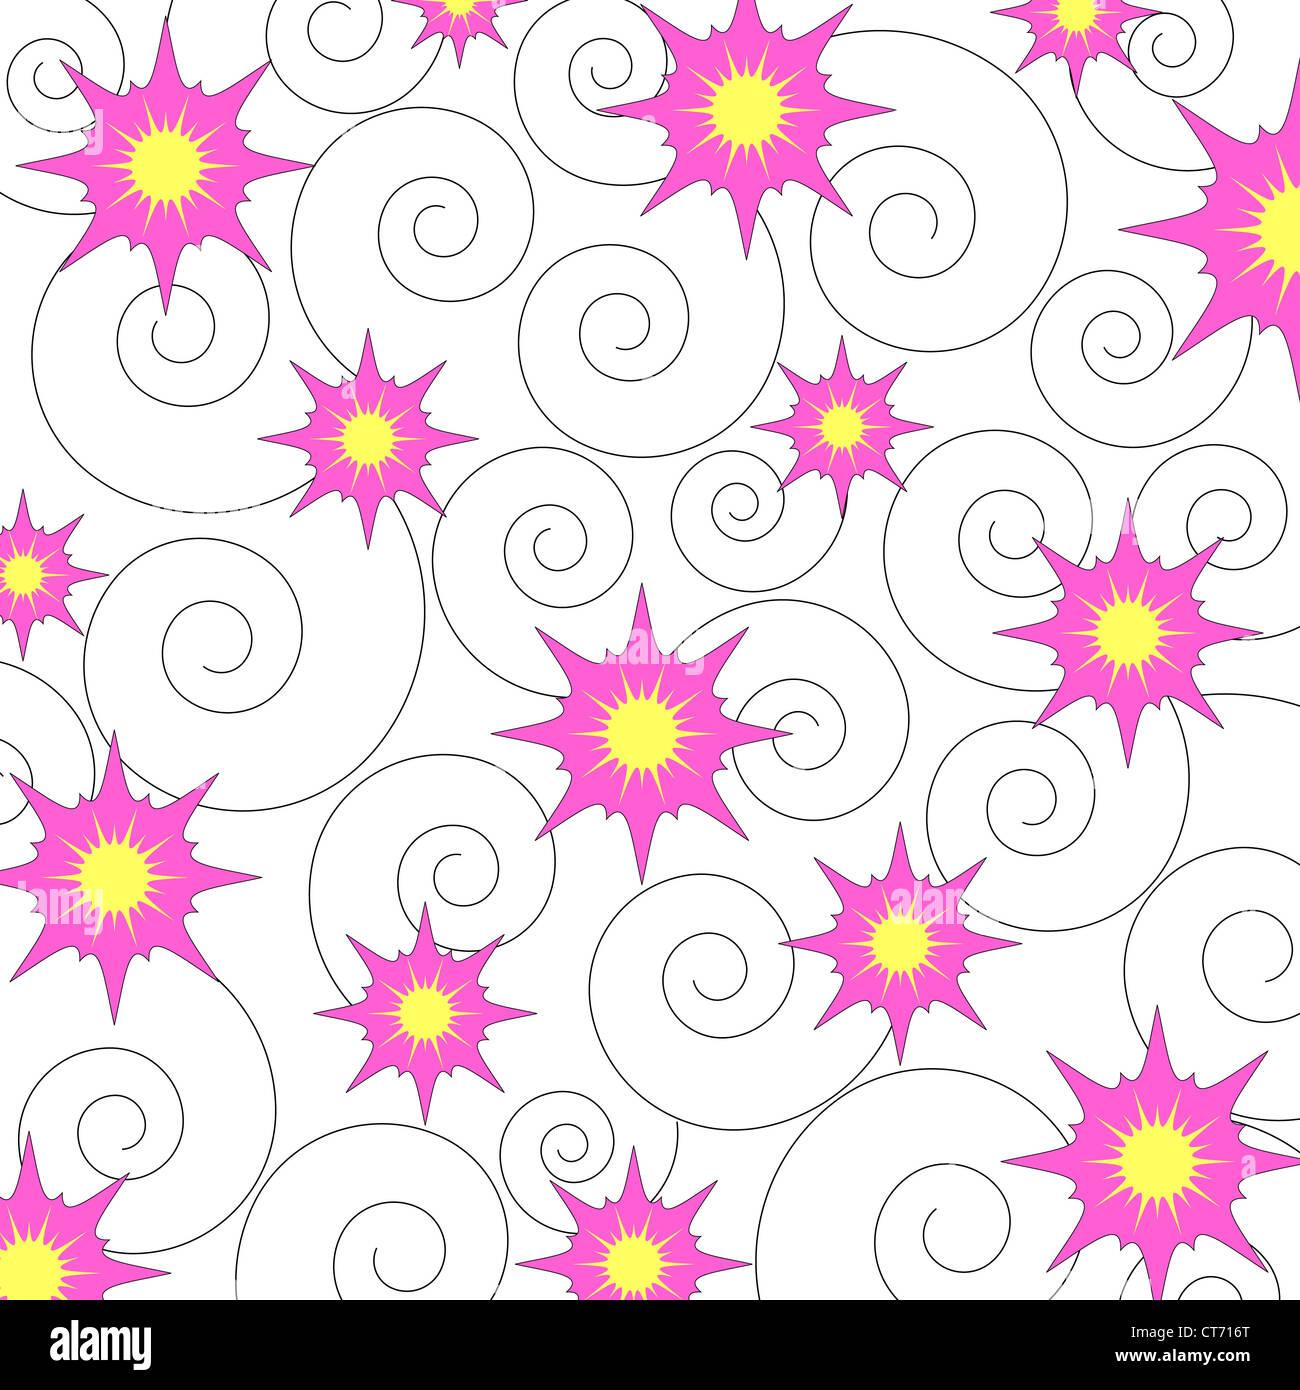 Seamless stars and swirls pattern Stock Photo